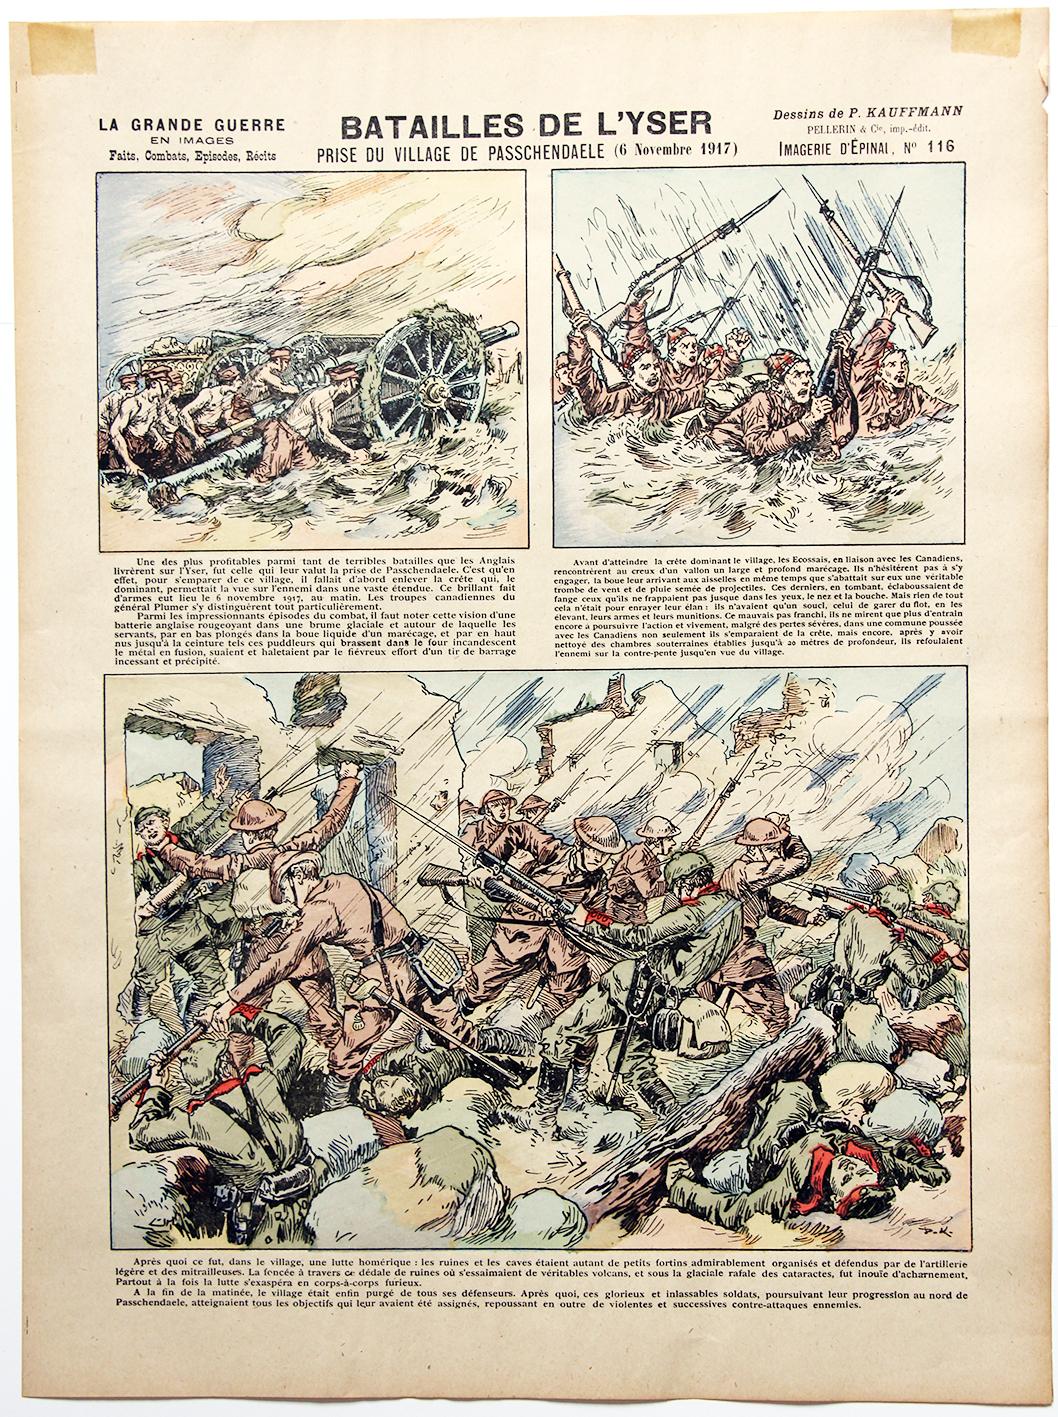 Planche imagerie Epinal - Batailles de L'Yser - La grande Guerre - Imagerie Populaire - Dessins de P.KAuffmann - Planche N°116